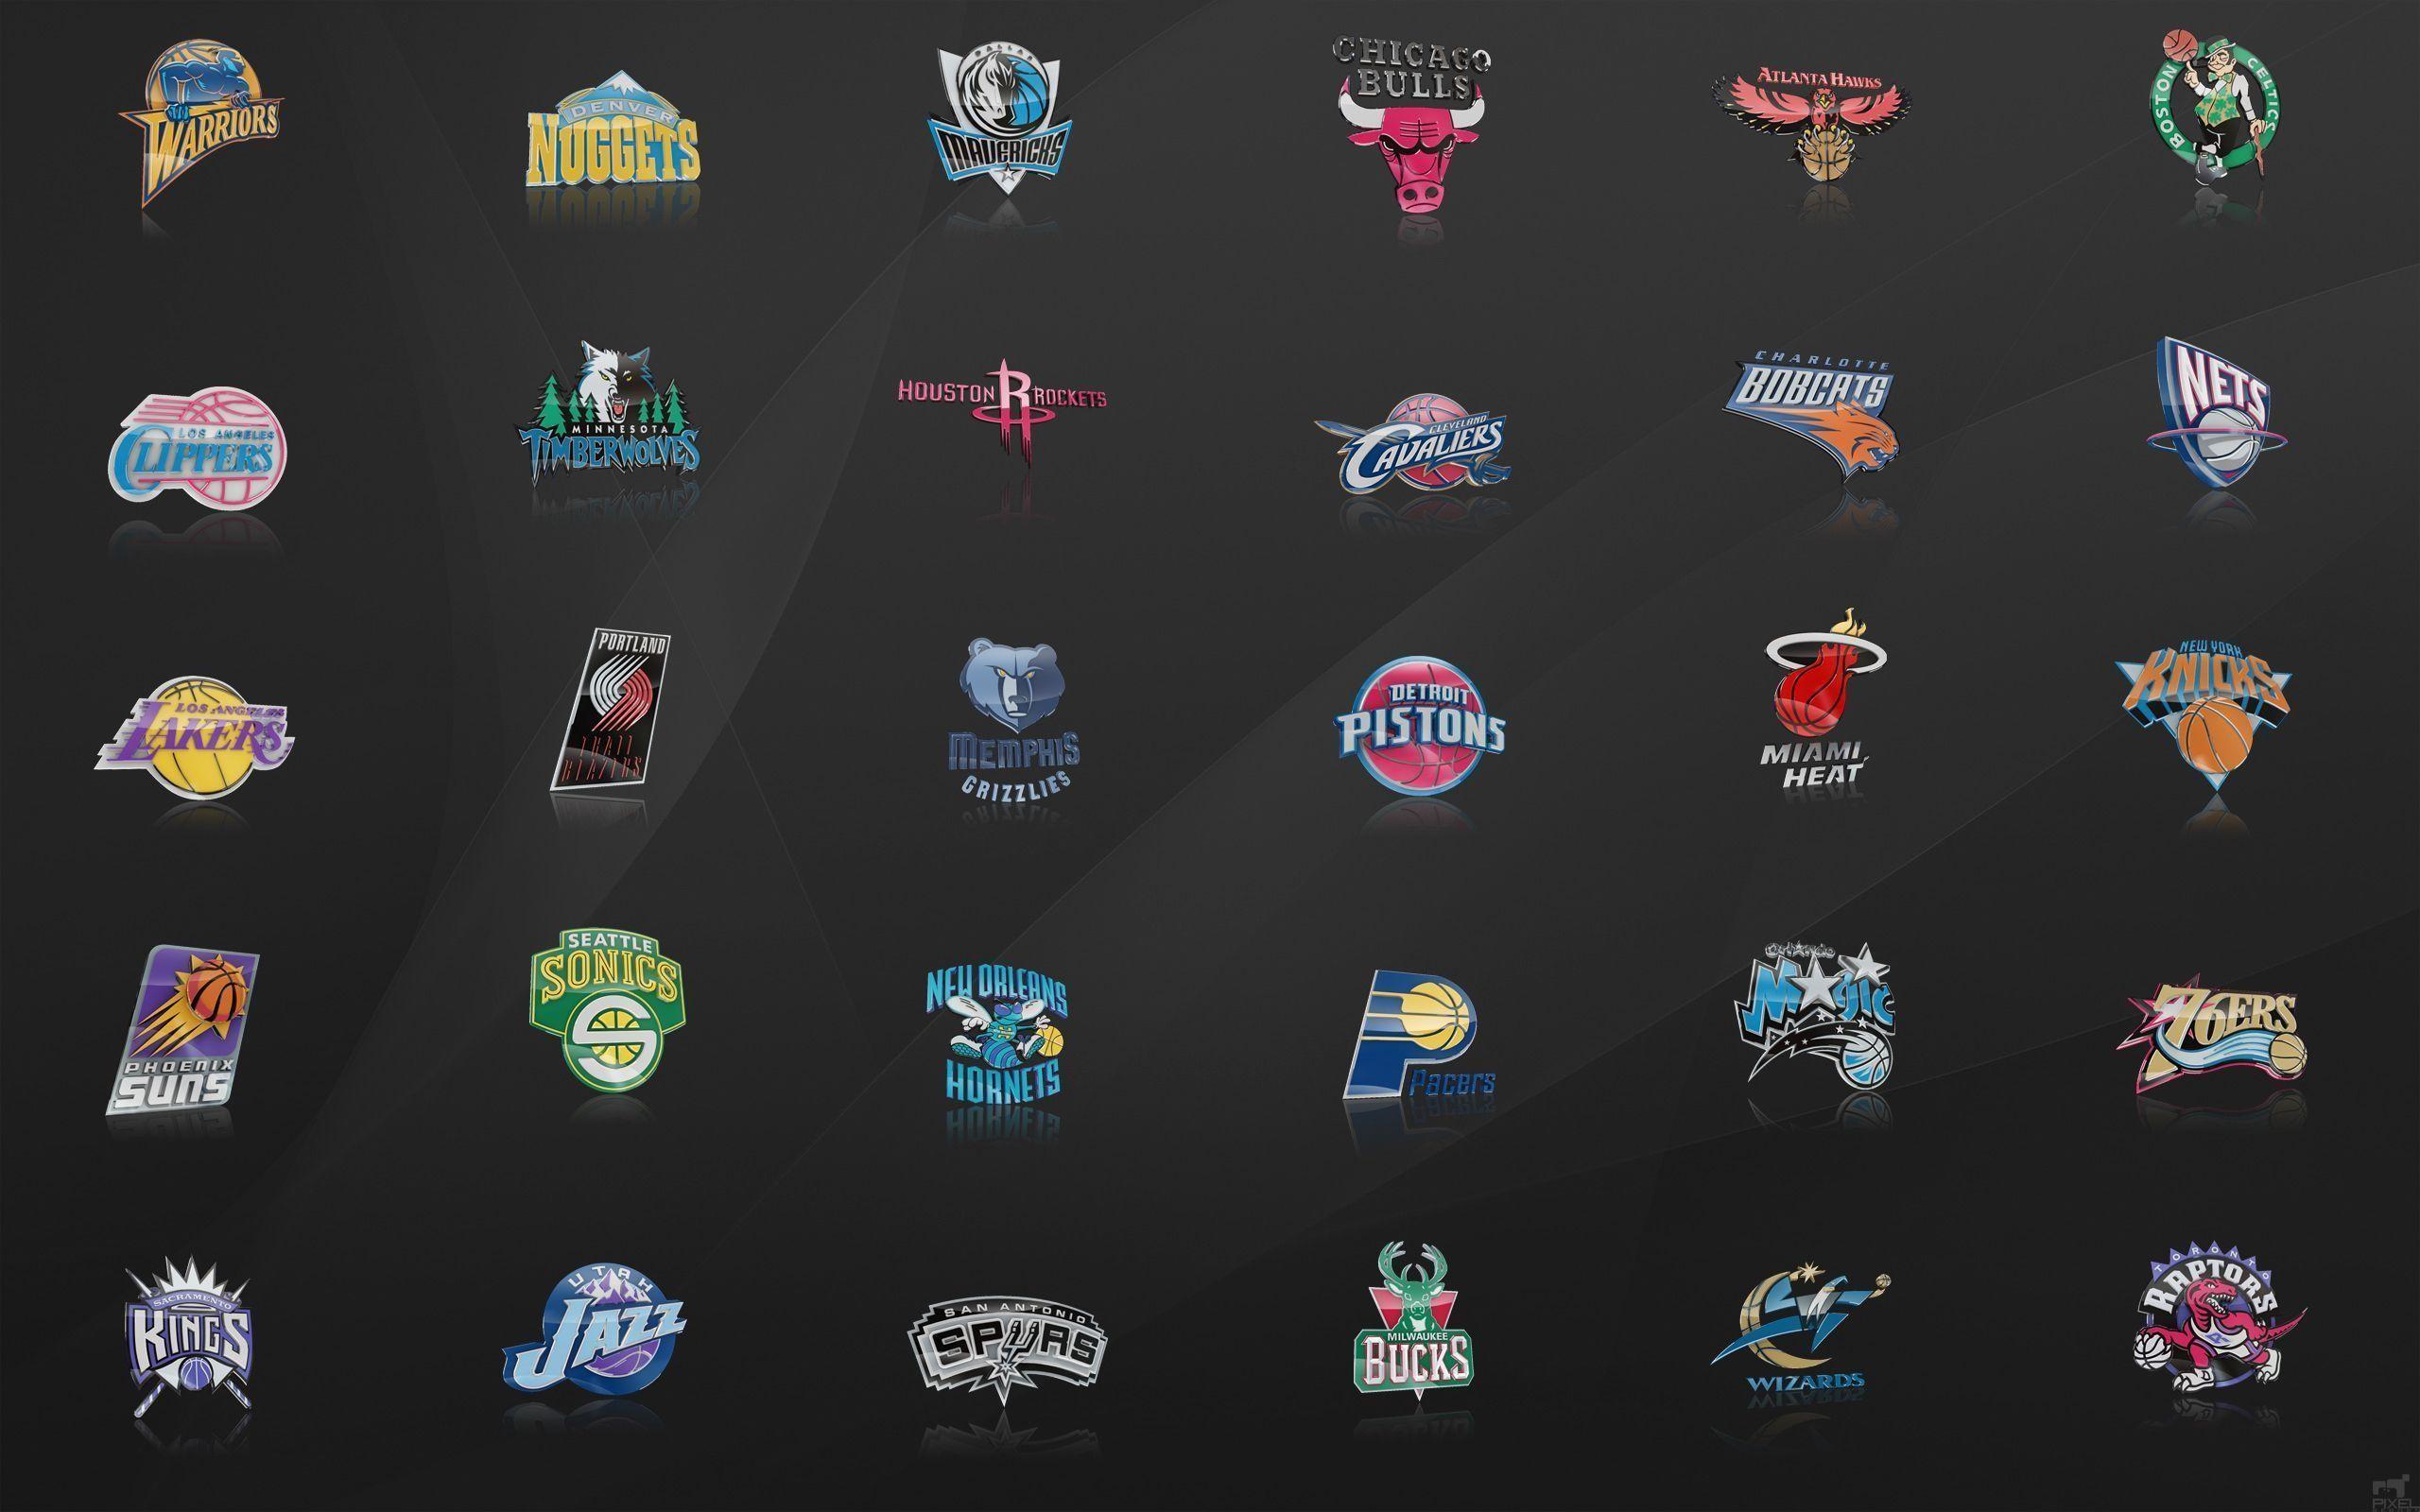 NBA Logos Wallpaper – WallpaperSafari